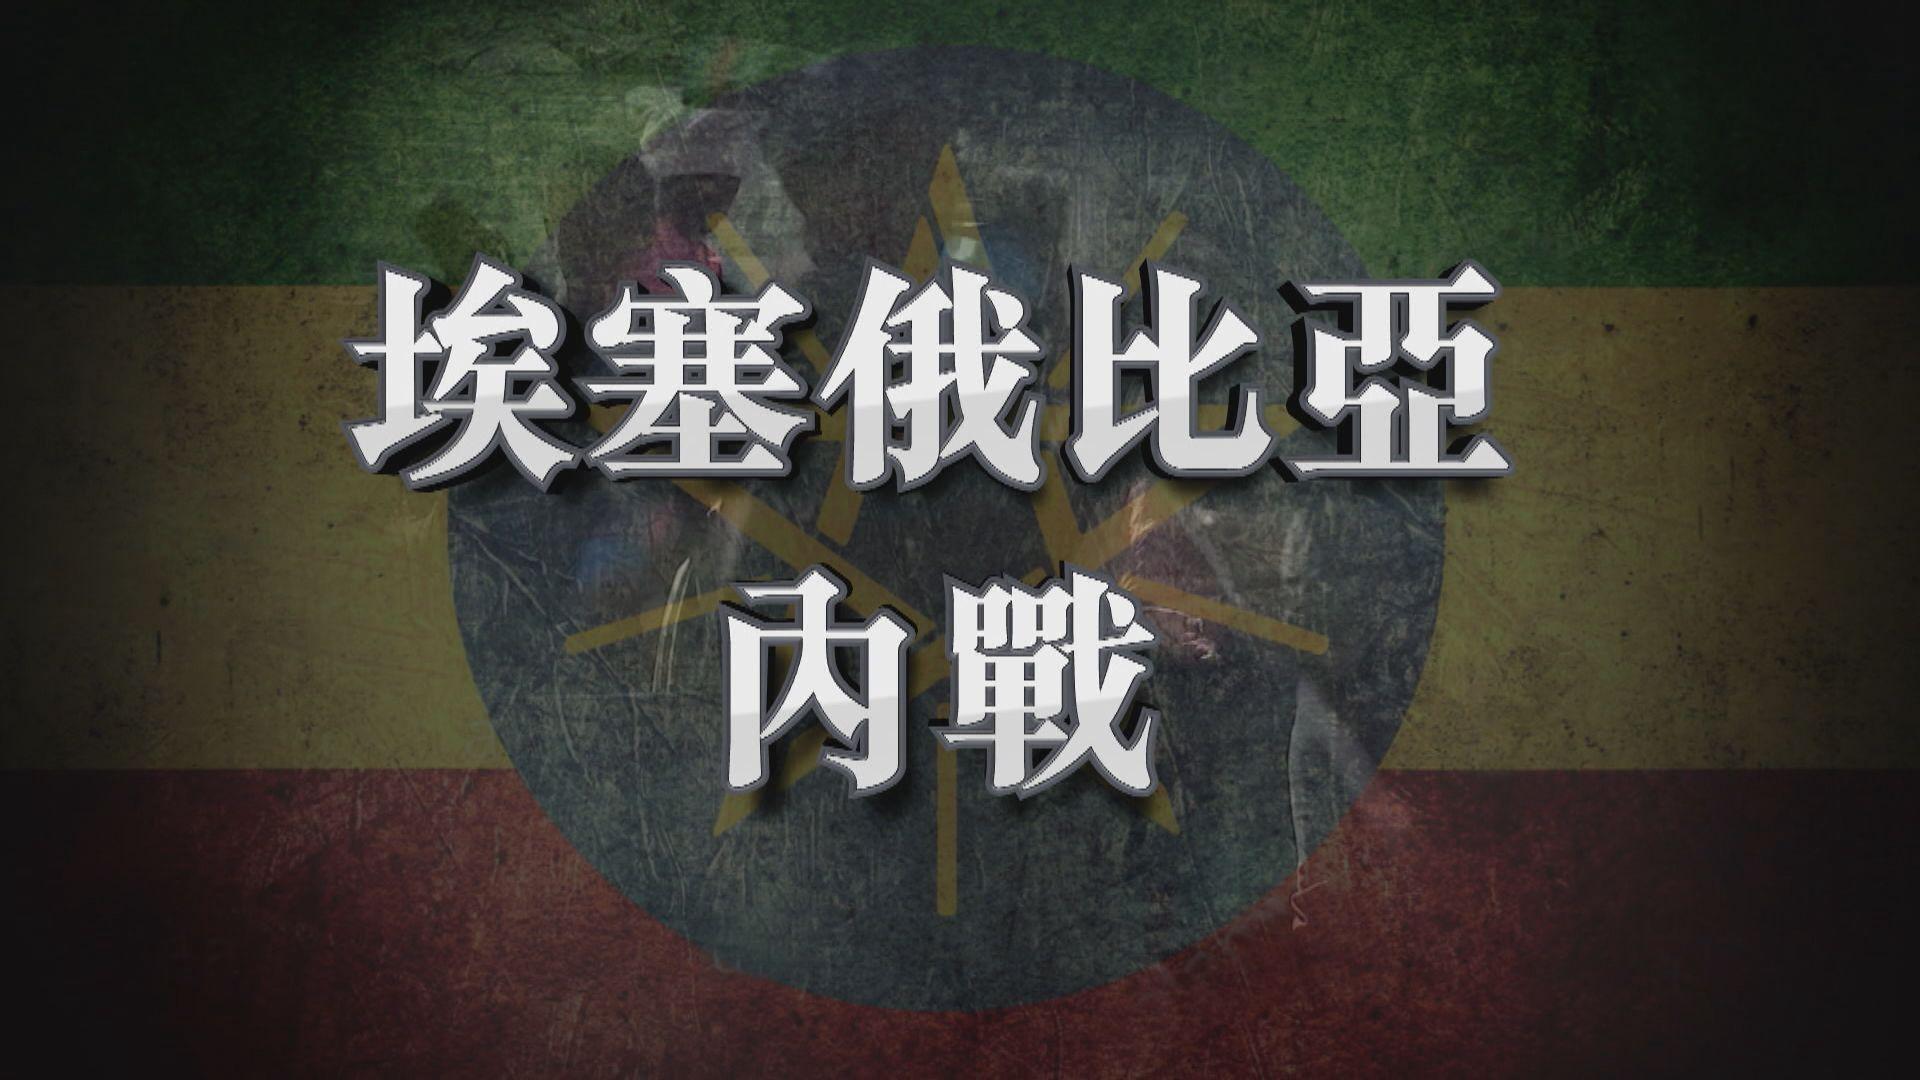 【新聞智庫】埃塞俄比亞內戰、發展與經濟